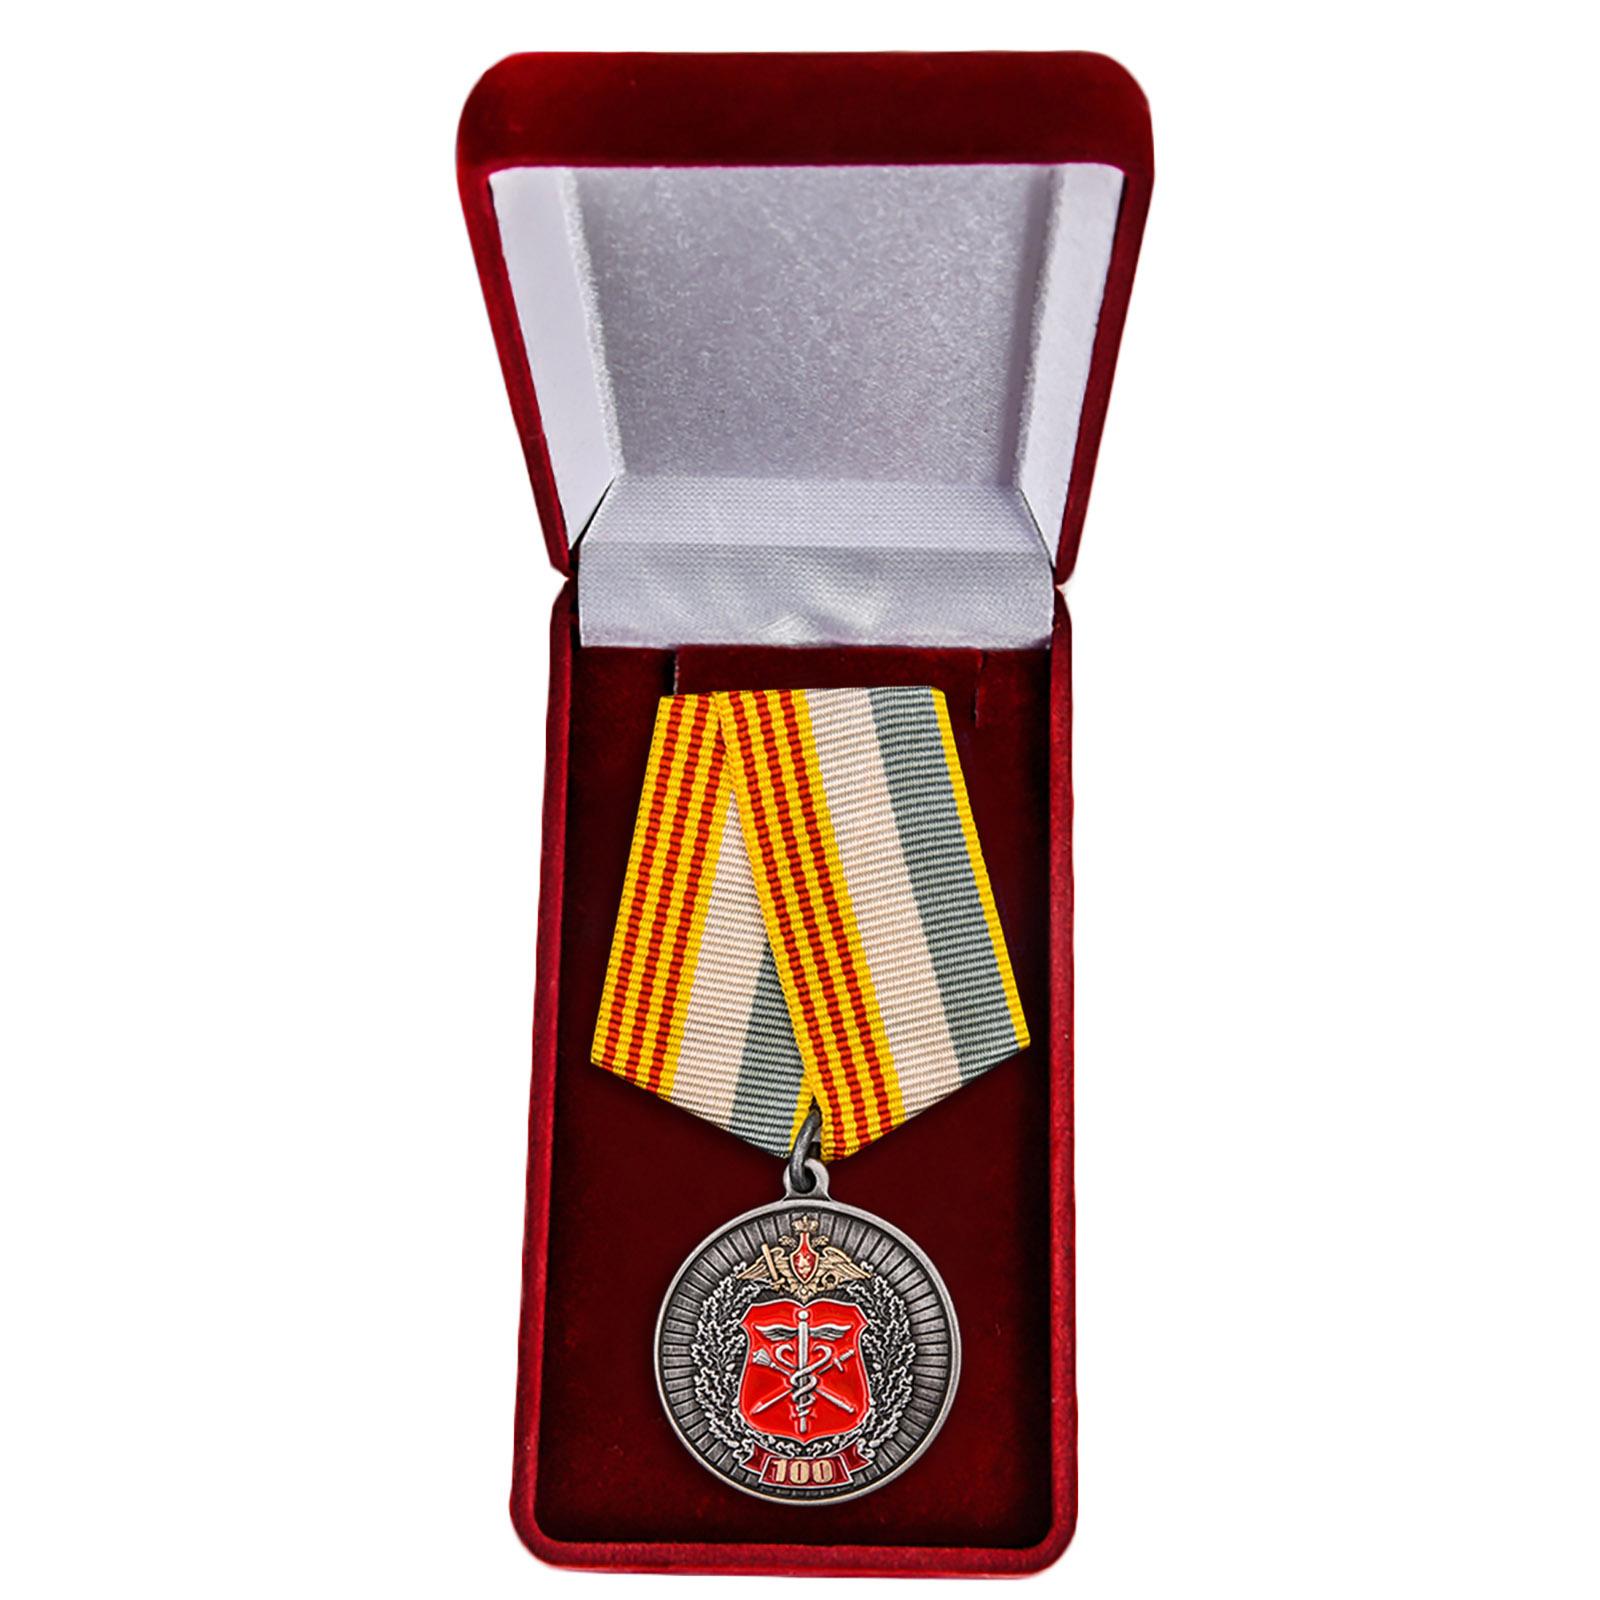 Наградная медаль 100 лет Финансово-экономической службе МО РФ